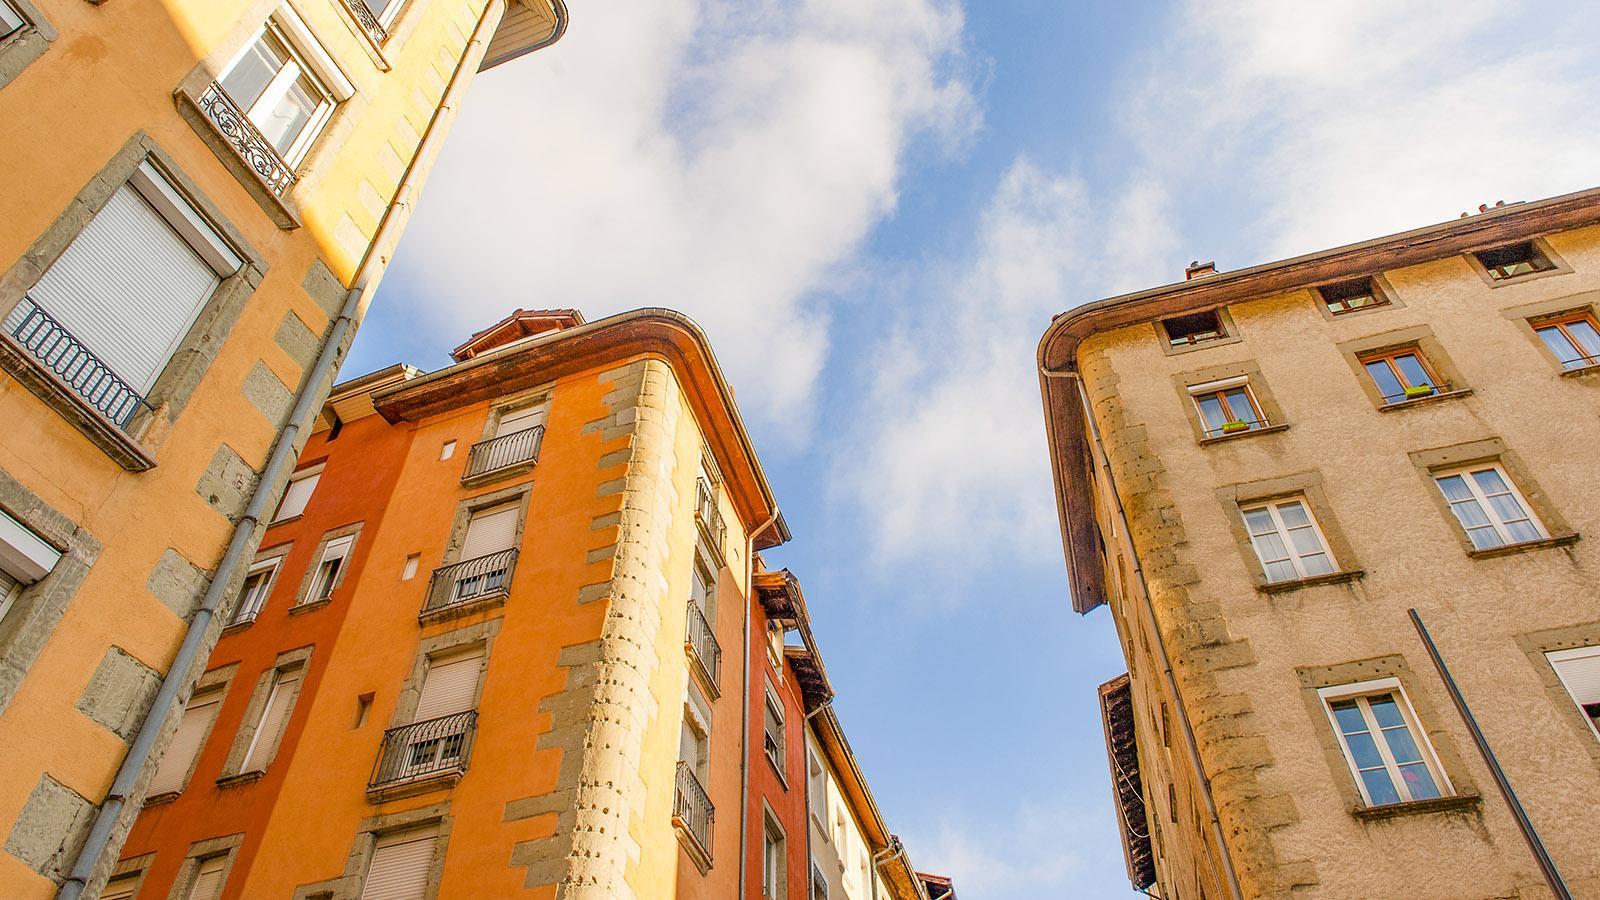 Die Place aux Herbes ist der älteste Platz von Grenoble. Foto: Hilek Maunder